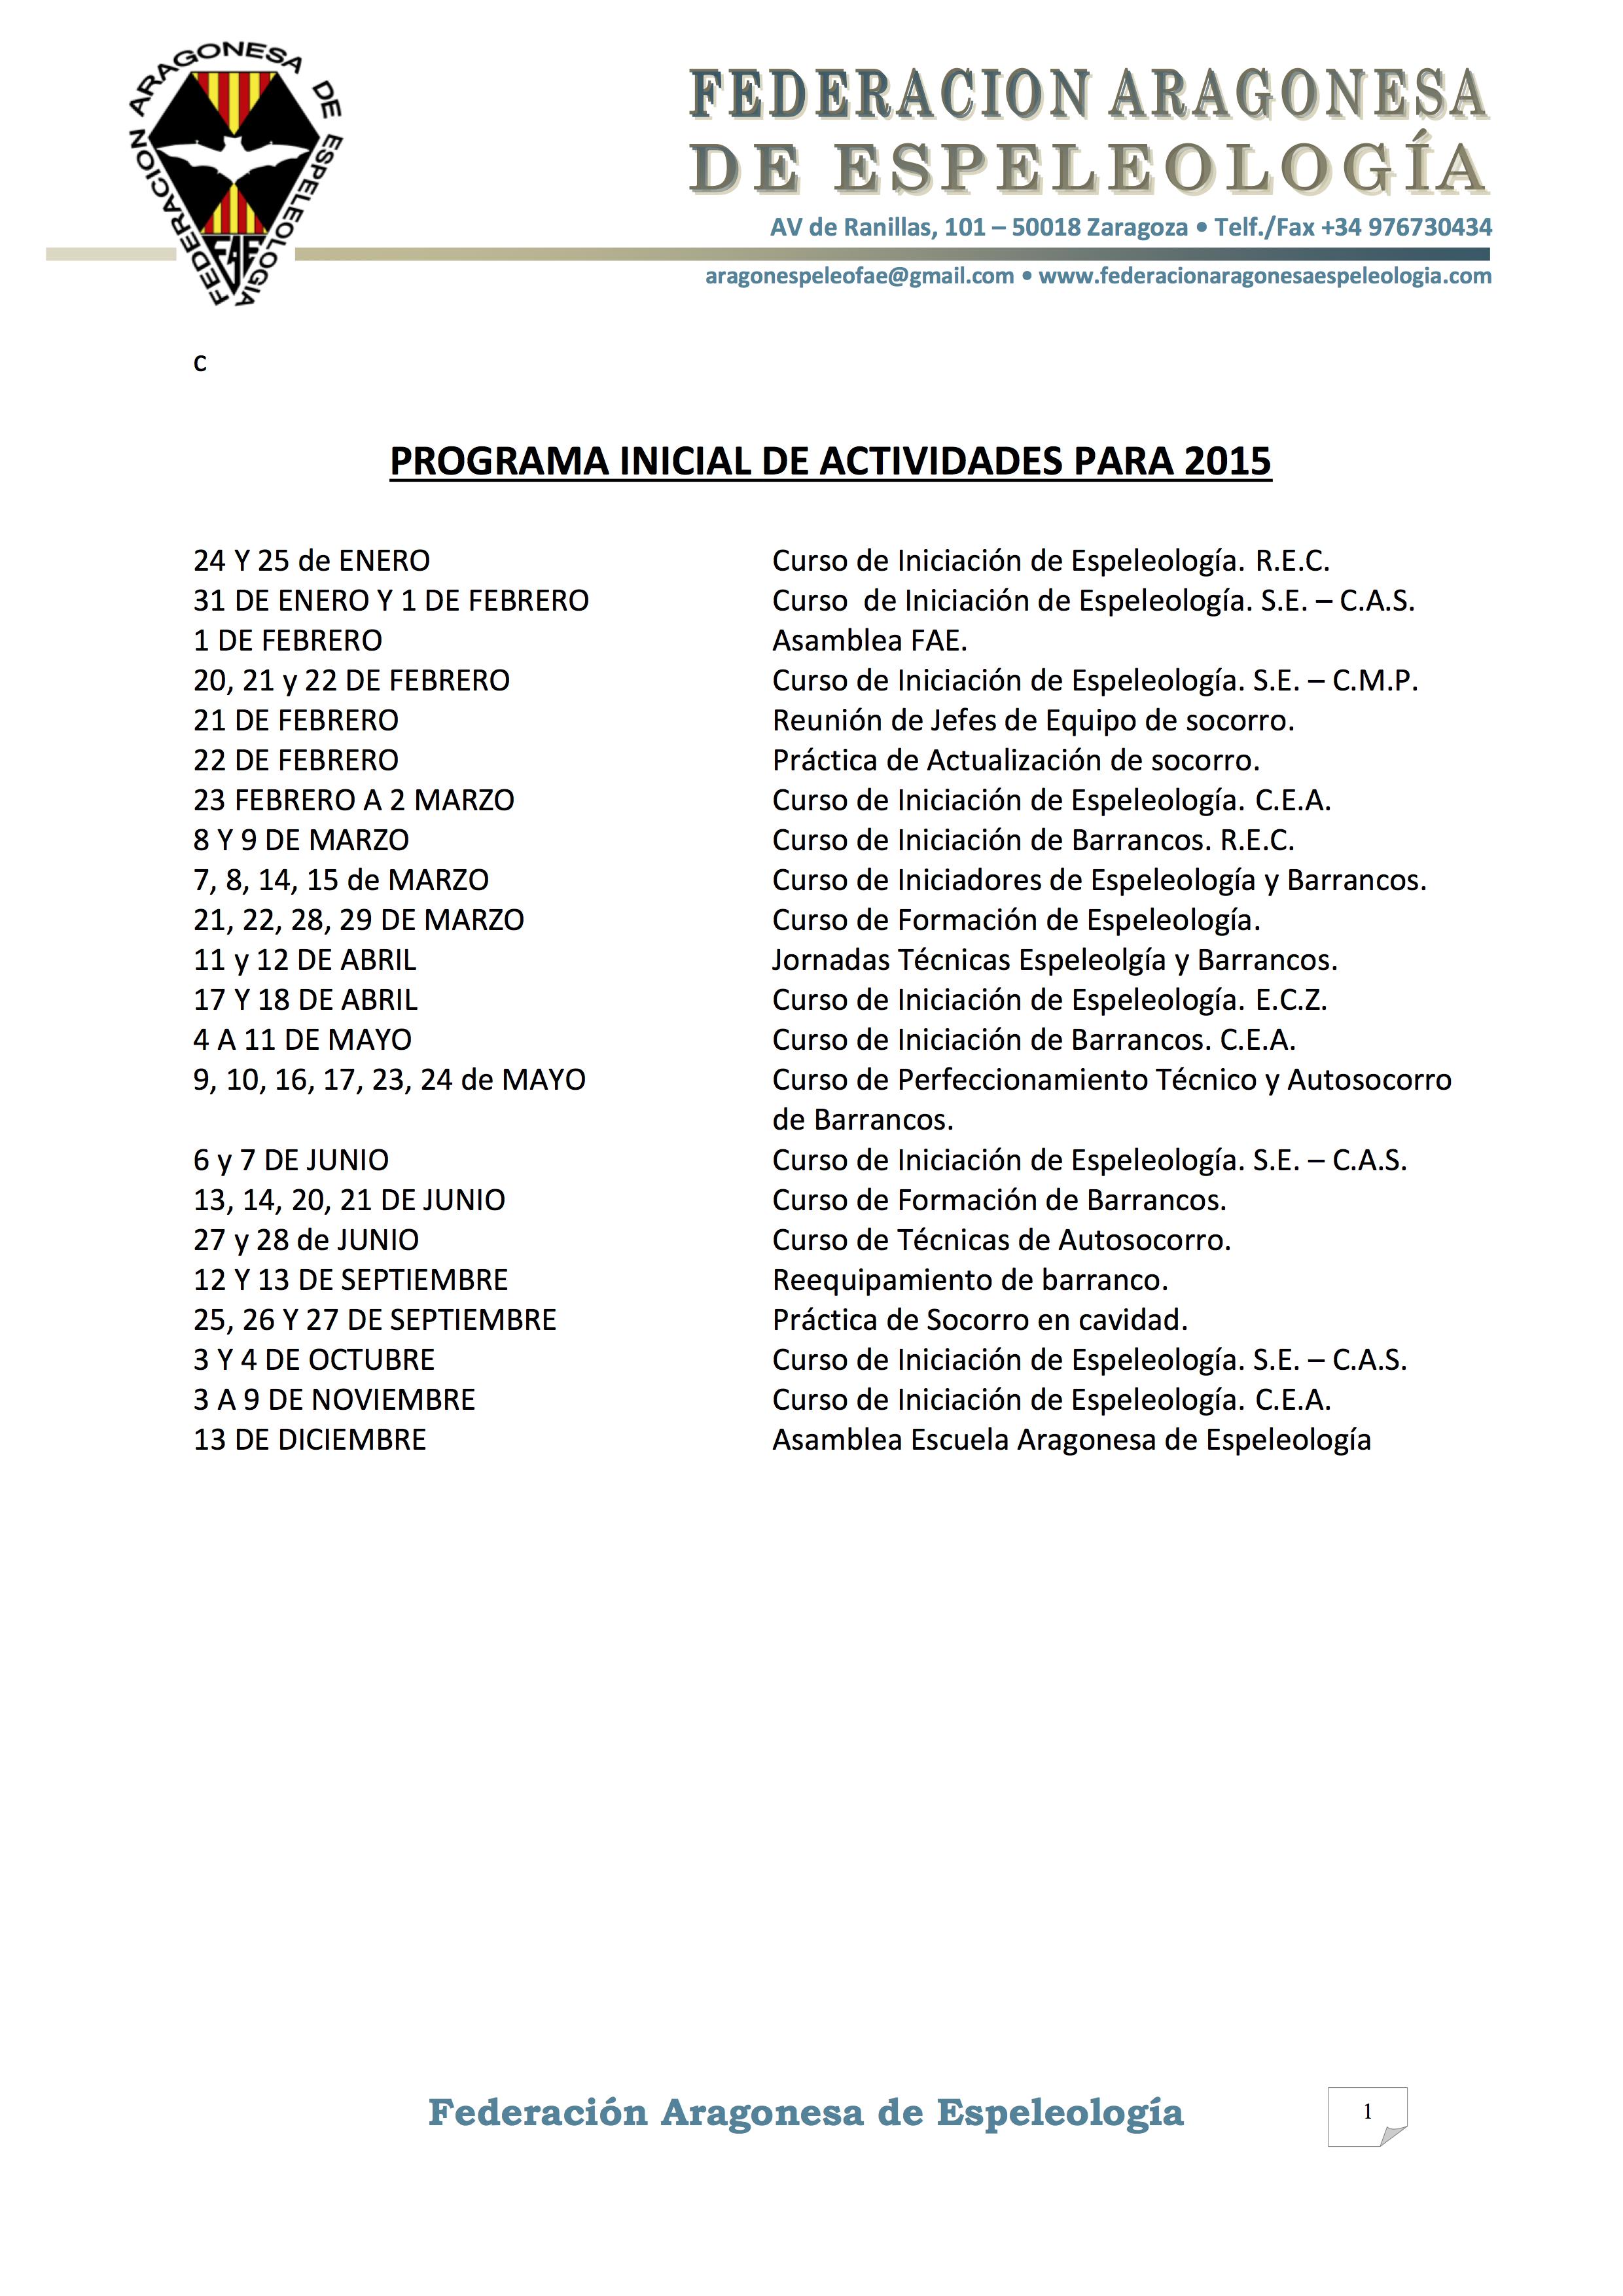 CALENDARIO_INICIAL_ACTIVIDADES_FAE_2015